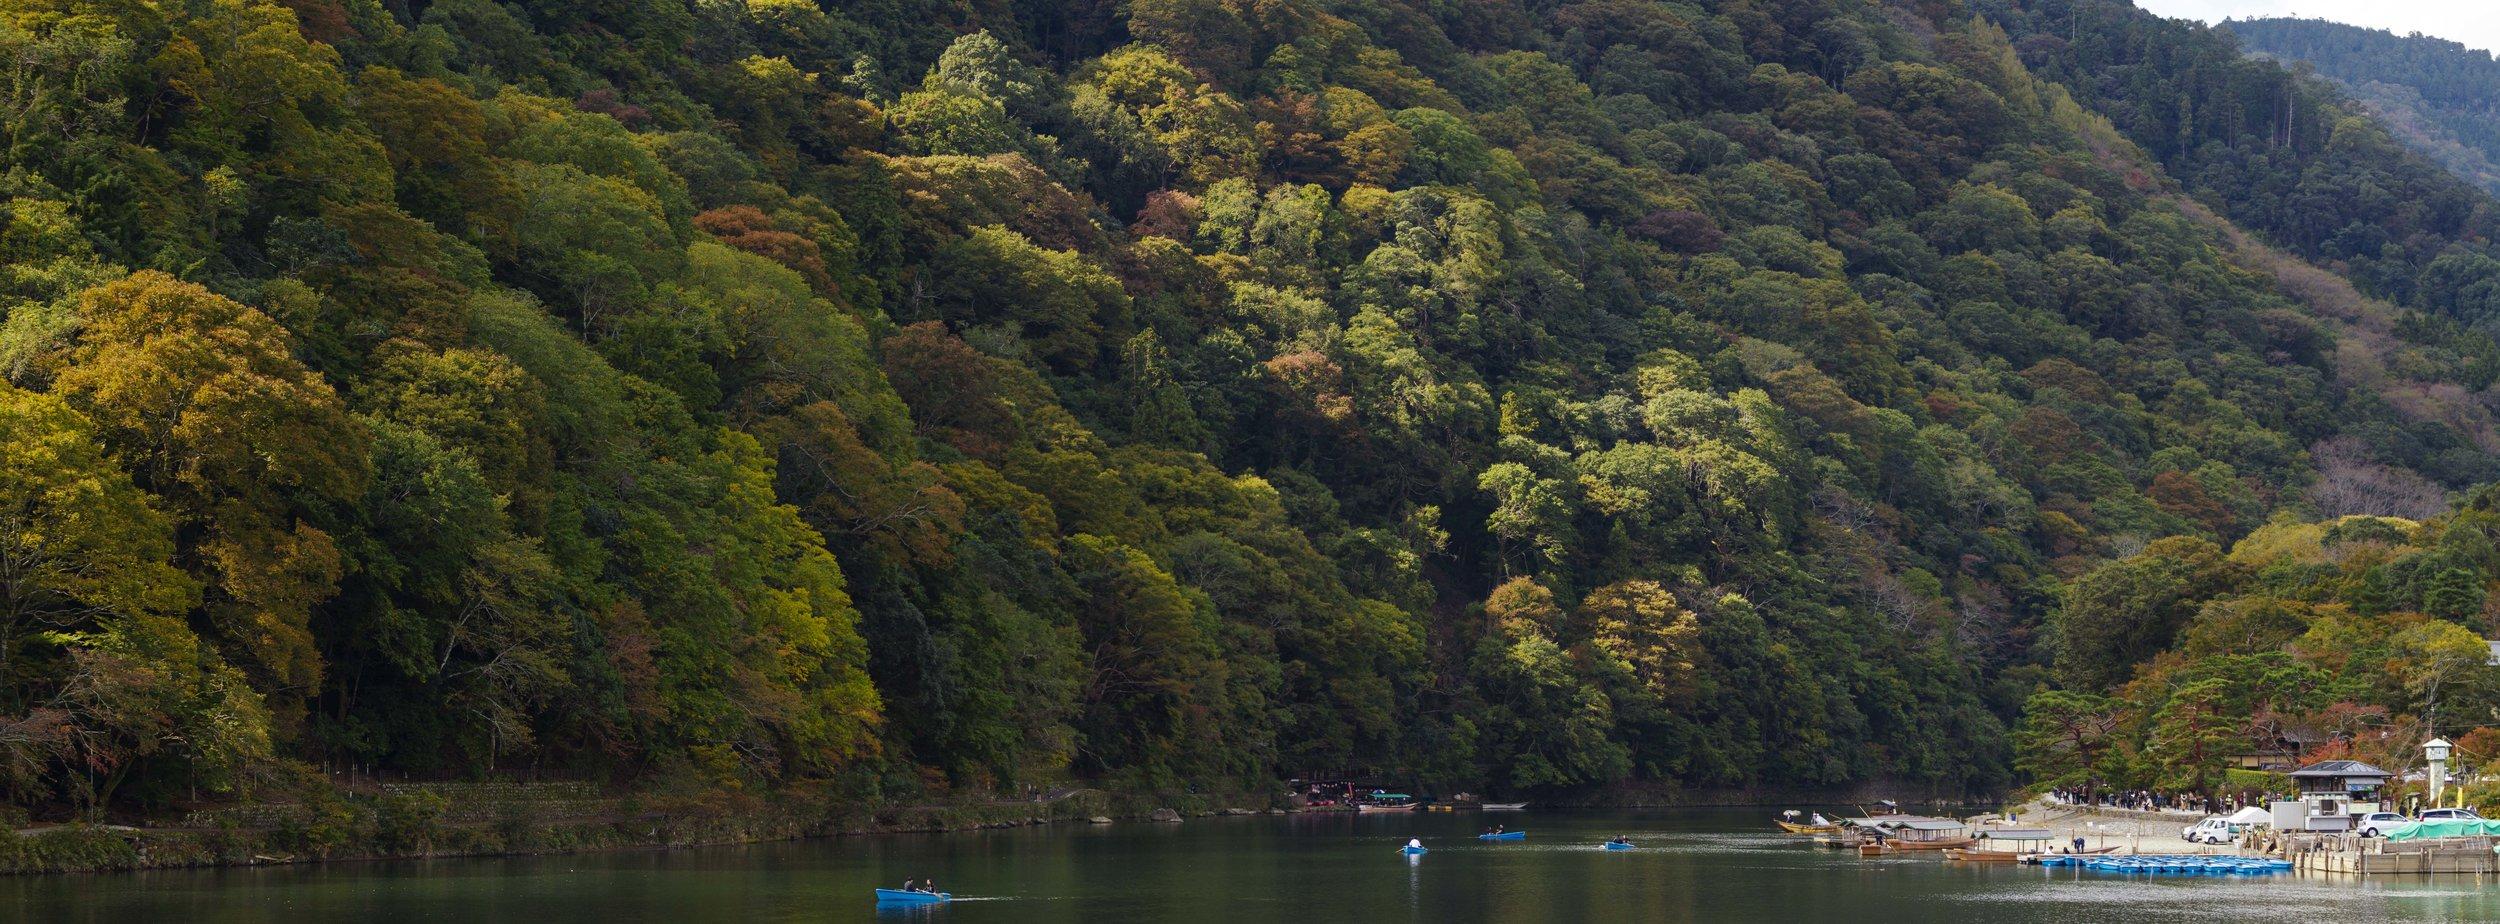 Kamo River in Kyoto